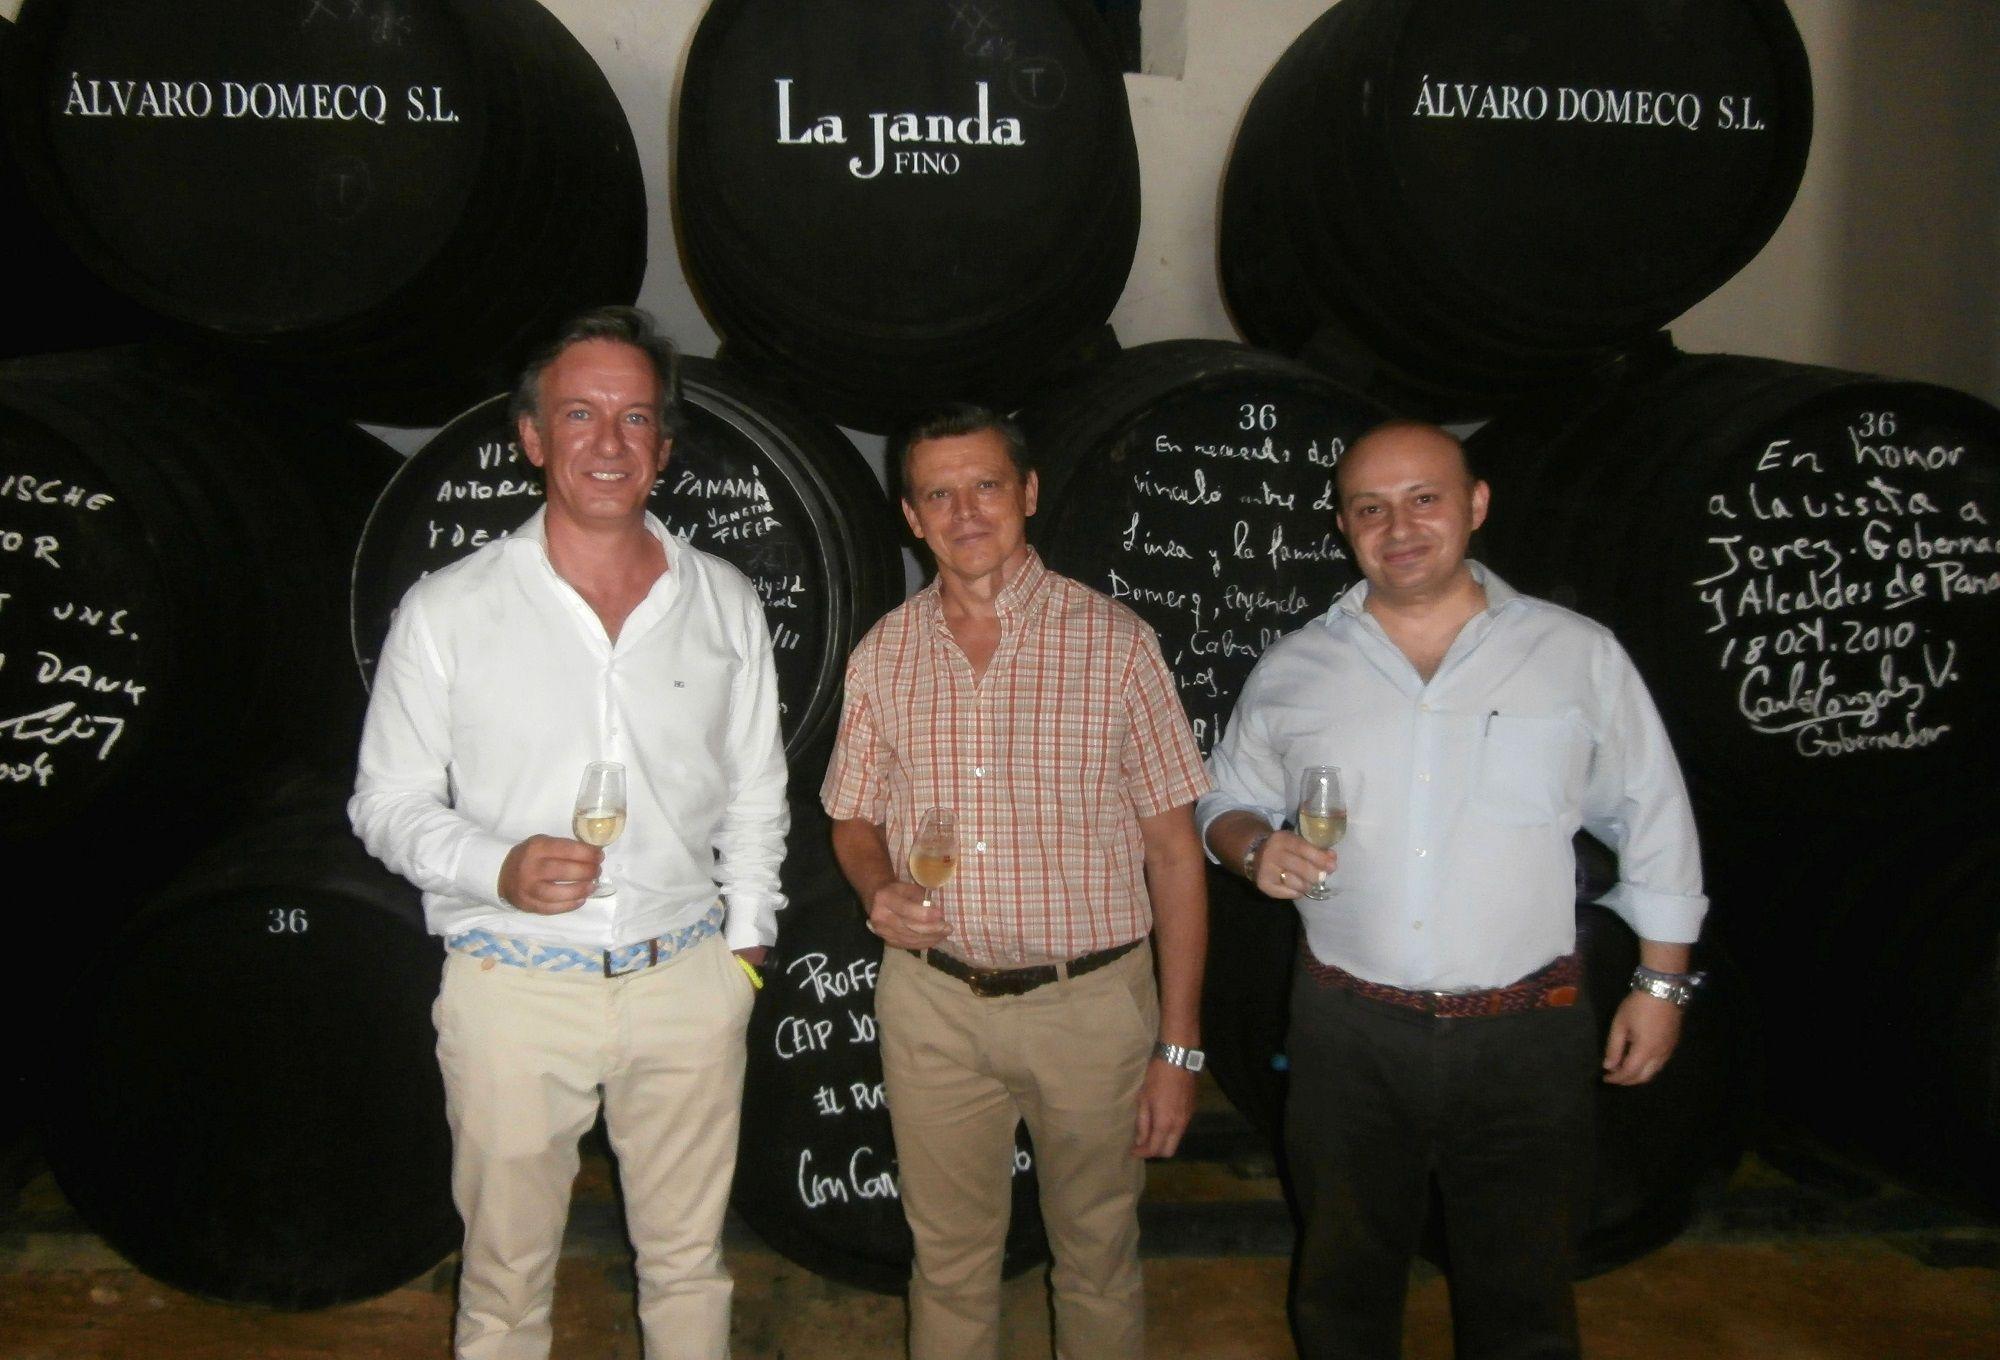 En la fotografía, de izquierda a derecha: José Manuel Anelo –gerente de Bodegas Álvaro Domecq‐, Francisco Antonio García Romero y Marco A. Velo, coordinador de la programación cultural Cultusema.